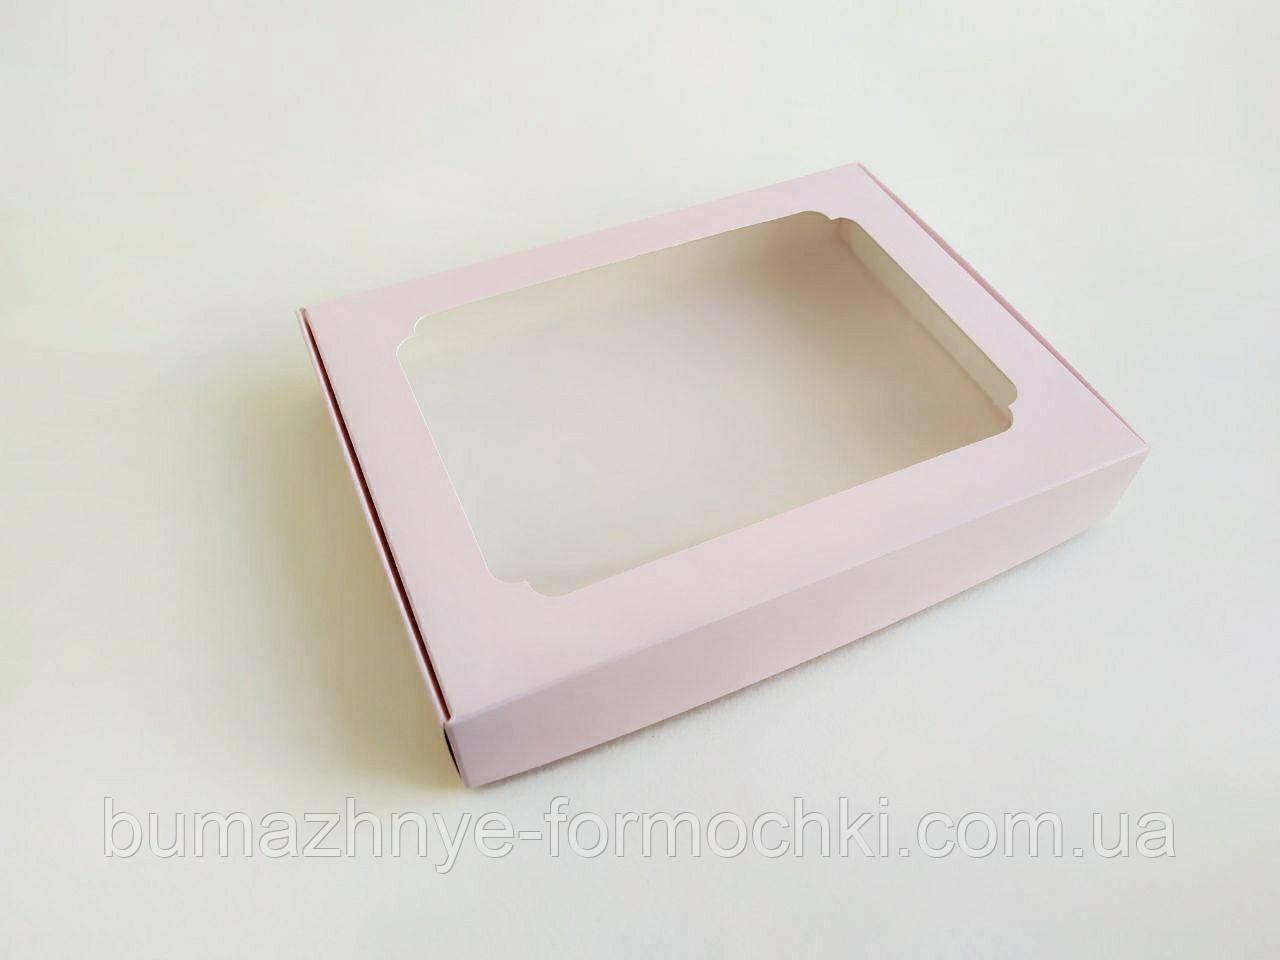 Коробка для пряников, 150*200*30, розовый фламинго